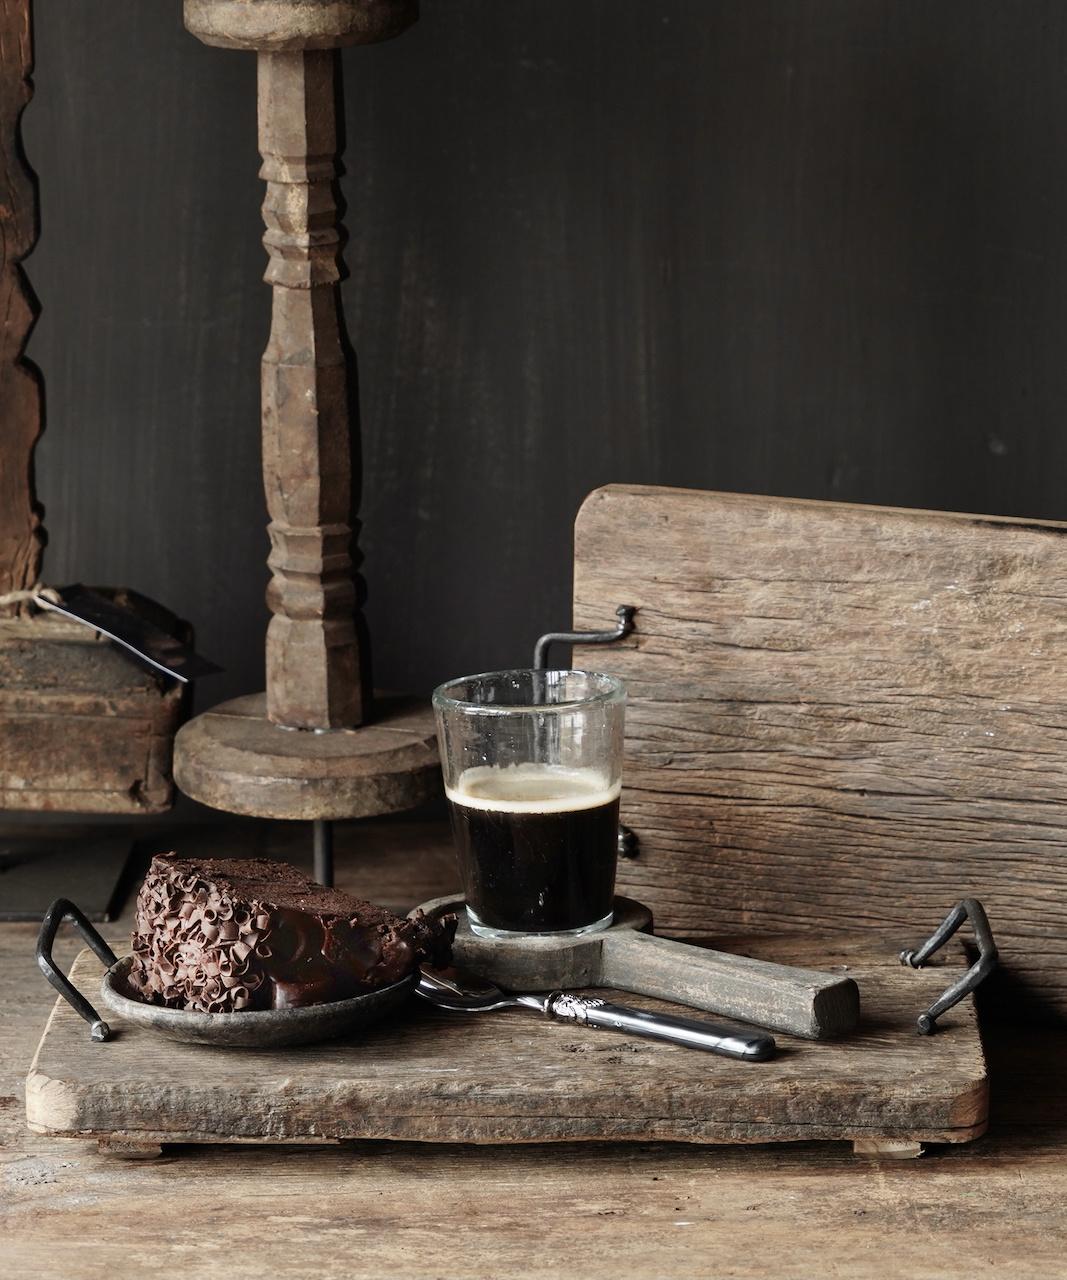 brood/serveerplankje van oud hout met ijzeren handgreepjes-1